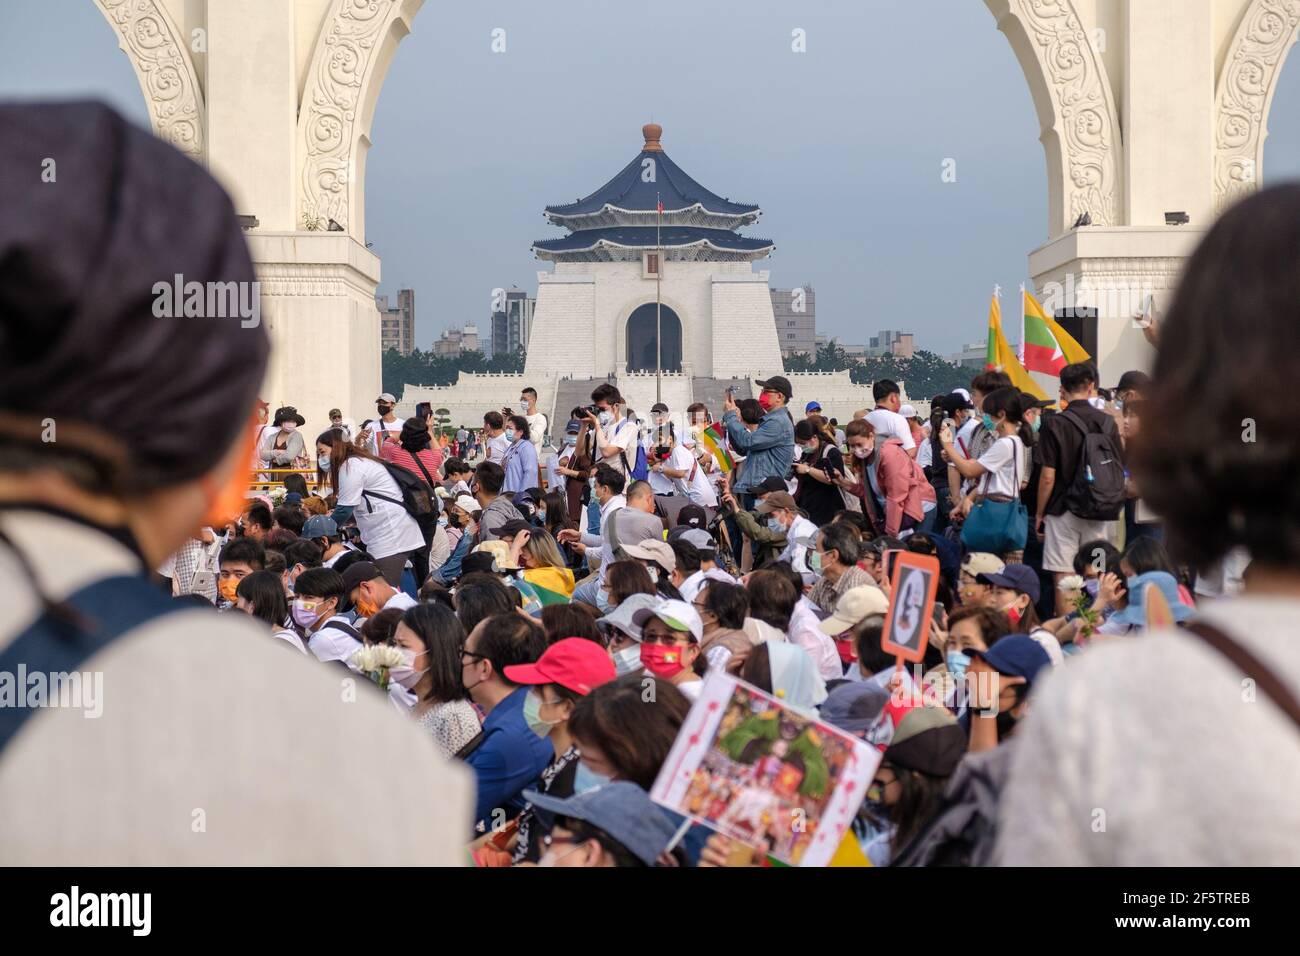 Les manifestants se rassemblent sur la place de la liberté pendant la manifestation.les Birmans qui vivent à Taiwan et les communautés locales se sont rassemblés sur la place de la liberté pour appeler à la fin du coup d'État militaire au Myanmar. La police et les militaires du Myanmar (tatmadow) ont attaqué les manifestants avec des balles en caoutchouc, des munitions réelles, des gaz lacrymogènes et des bombes lacrymogènes en réponse aux manifestants anti-coup d'État militaire qui ont tué samedi au Myanmar plus de 100 personnes et en ont blessé beaucoup d'autres. Au moins 300 personnes ont été tuées au Myanmar depuis le coup d'État du 1er février, a déclaré un responsable des droits de l'homme de l'ONU. L'armée du Myanmar a détenu St Banque D'Images